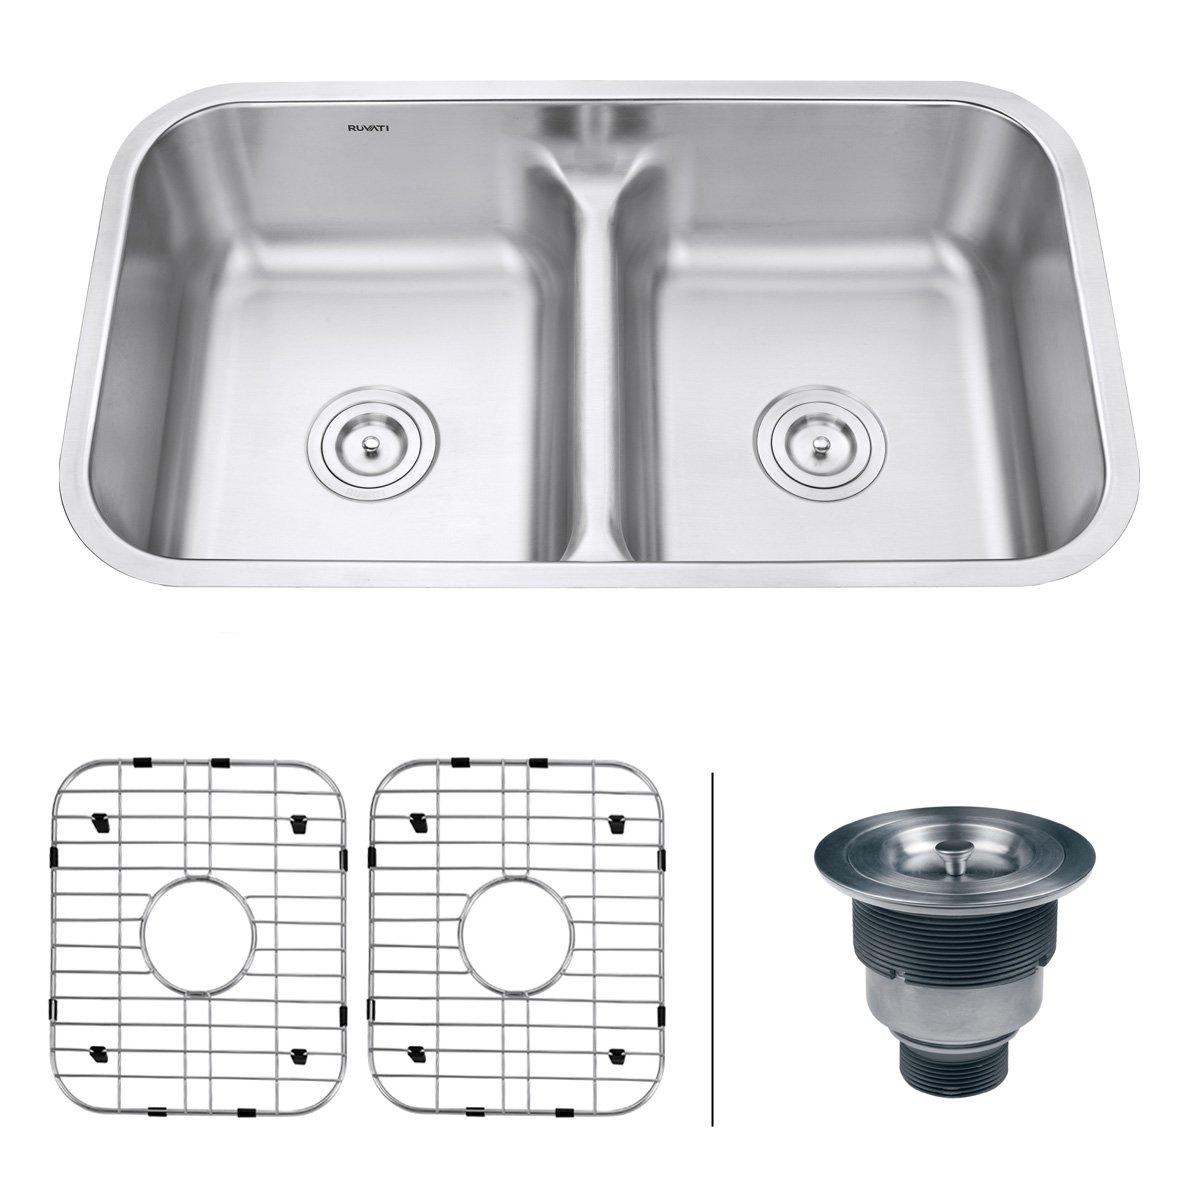 American Made Kitchen Sinks Ruvati Rvm4350 Undermount 32 Low Divide 16 Gauge Kitchen Sink